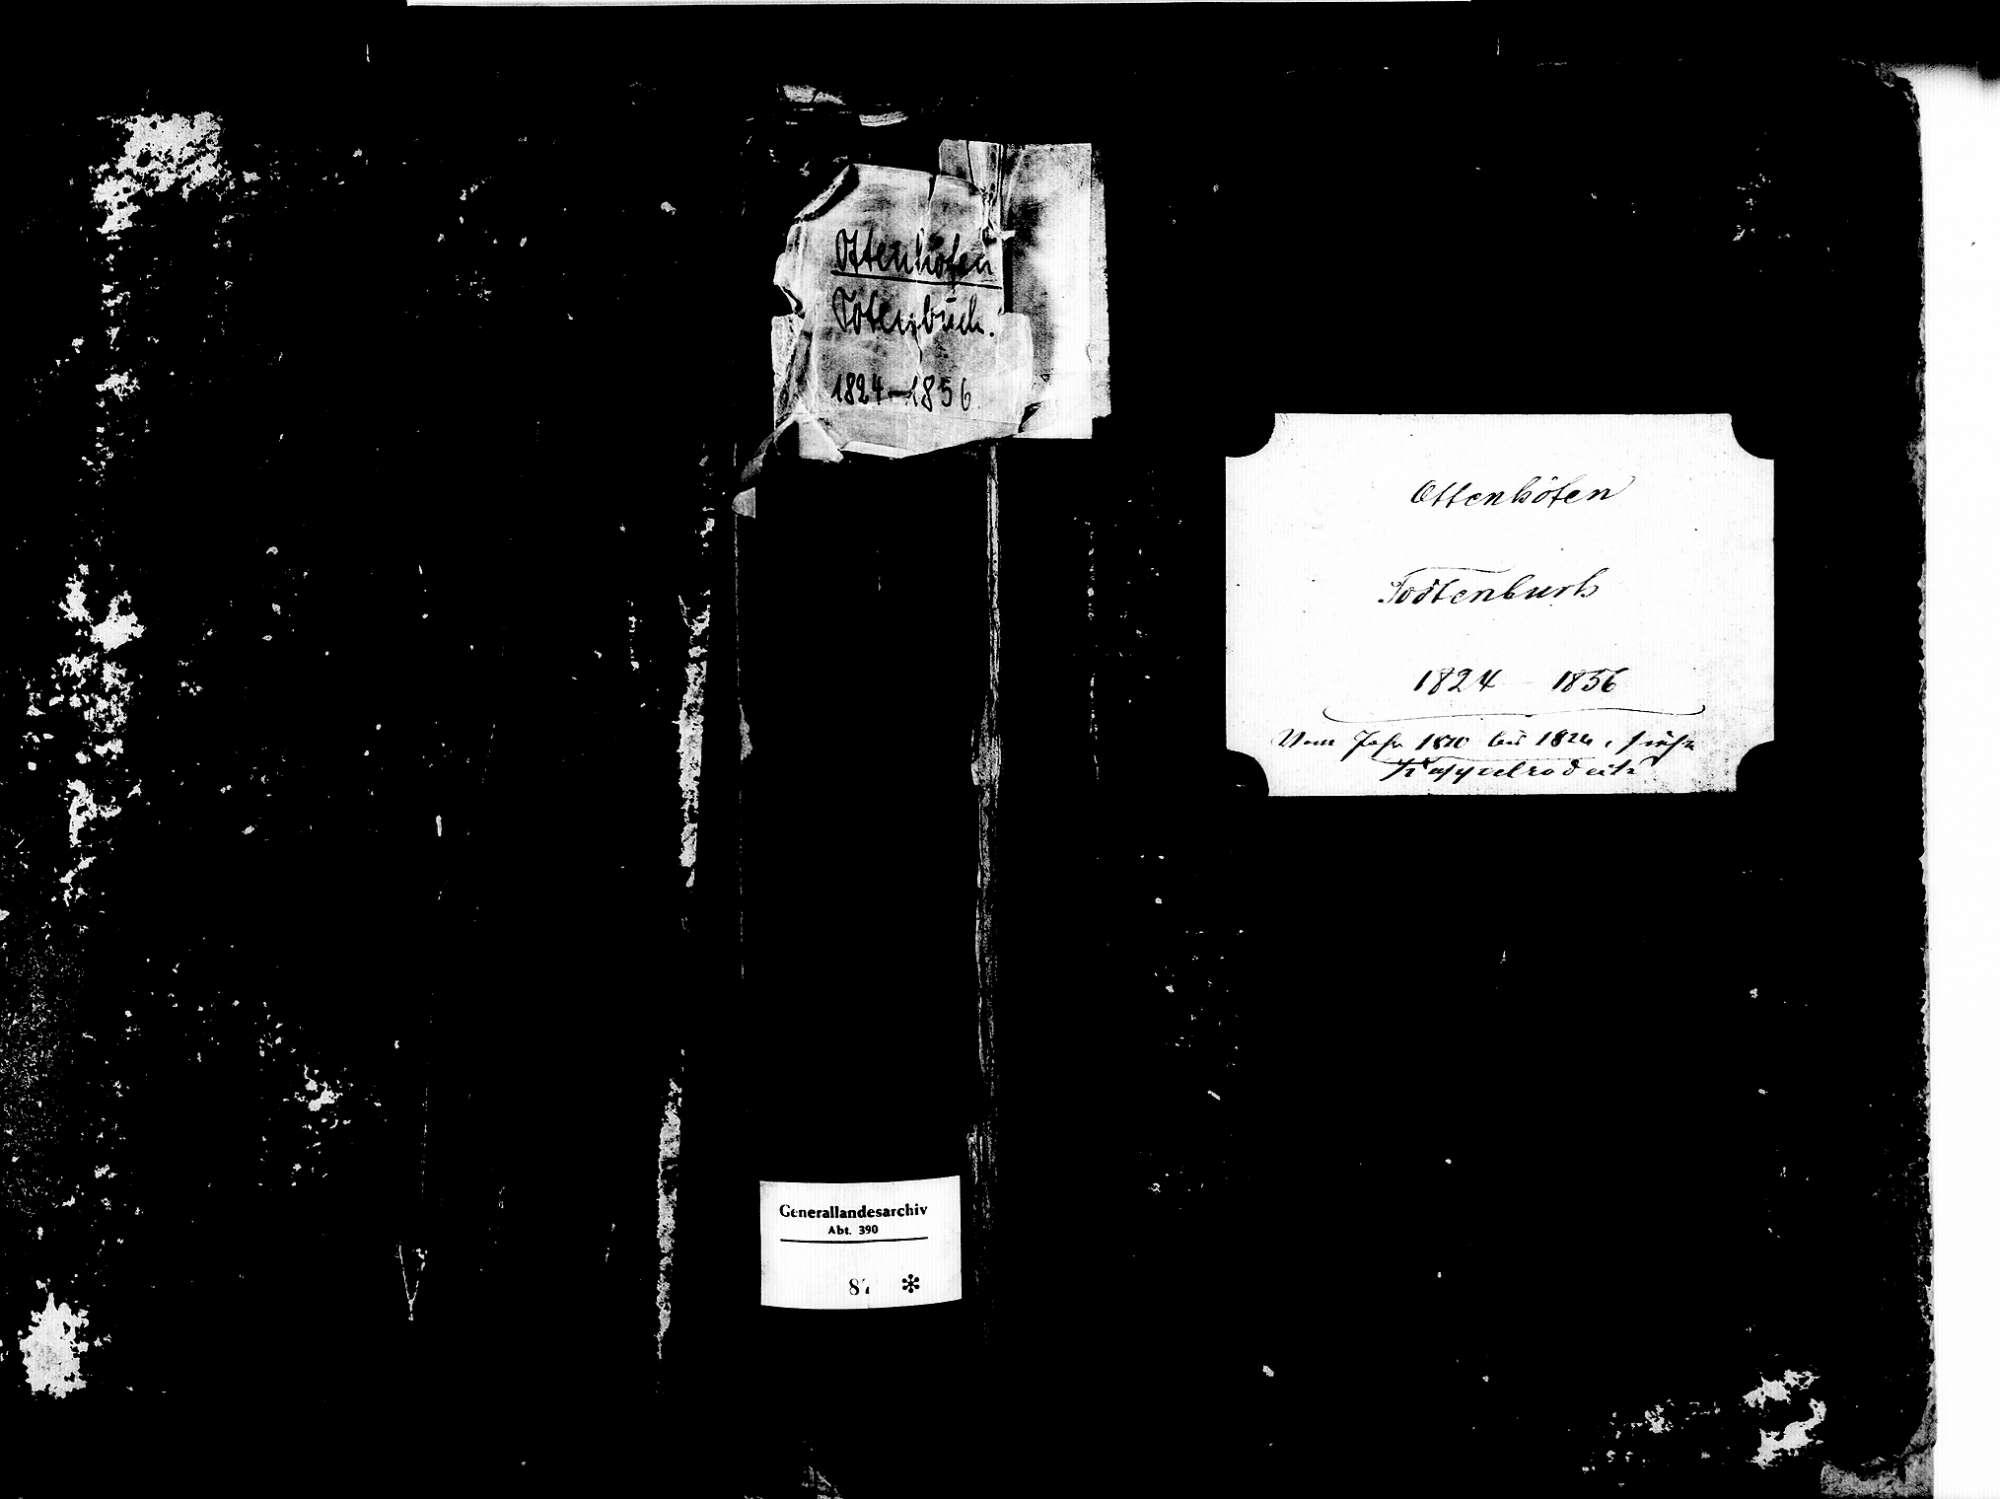 Ottenhöfen im Schwarzwald OG; Katholische Gemeinde: Sterbebuch 1824-1856, Bild 1